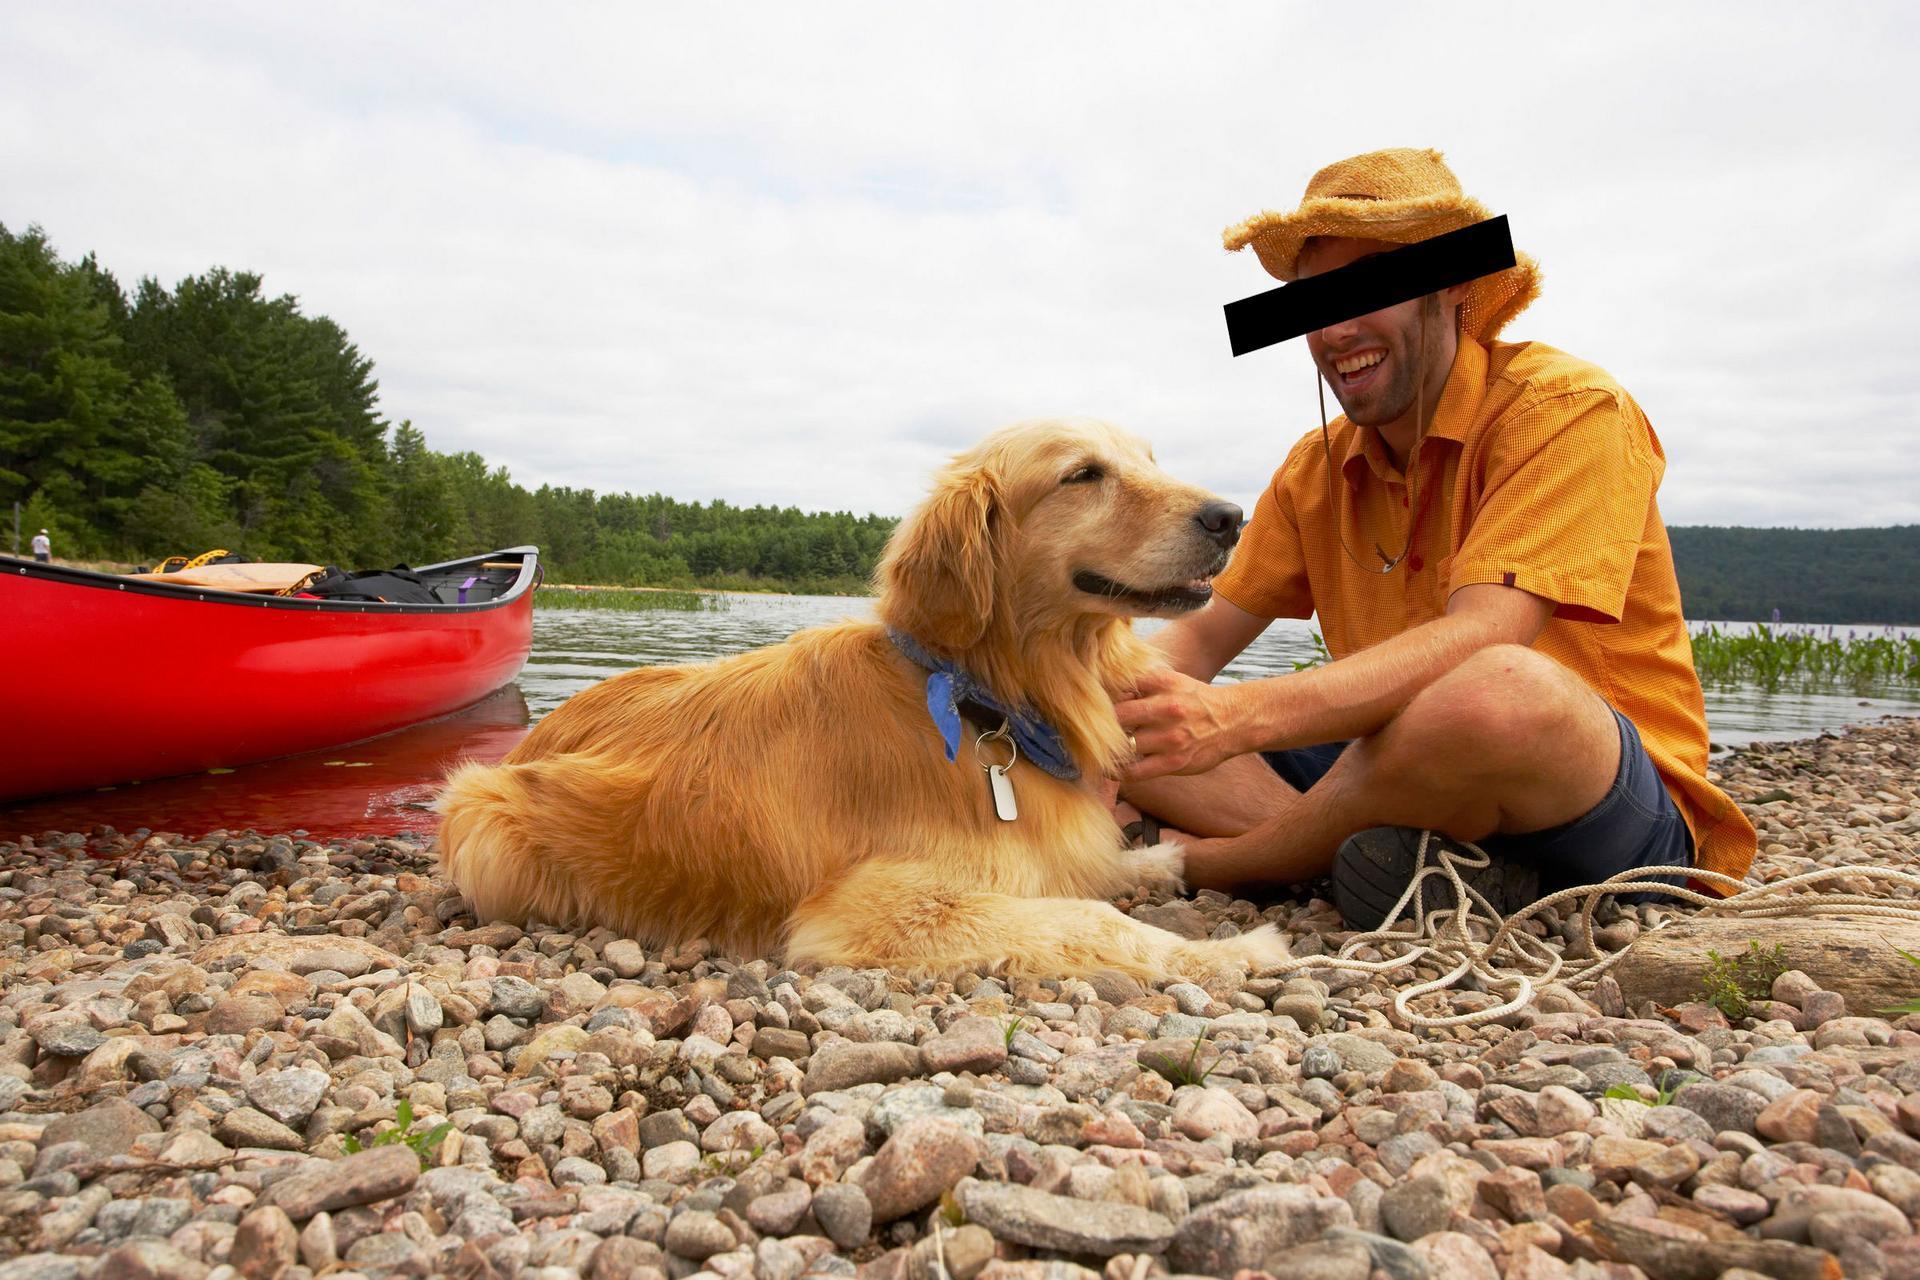 Roope Massinen (nimi muutettu yksityisyyden suojan vuoksi) on valmis käyttämään omia varojaan, jotta Kangasalasta saadaan tehtyä Suomen onnellisin kaupunki. Kuvassa hän poseeraa kotirannassaan koiransa Huntin (nimi muutettu) kanssa. Kuva: Iclipart